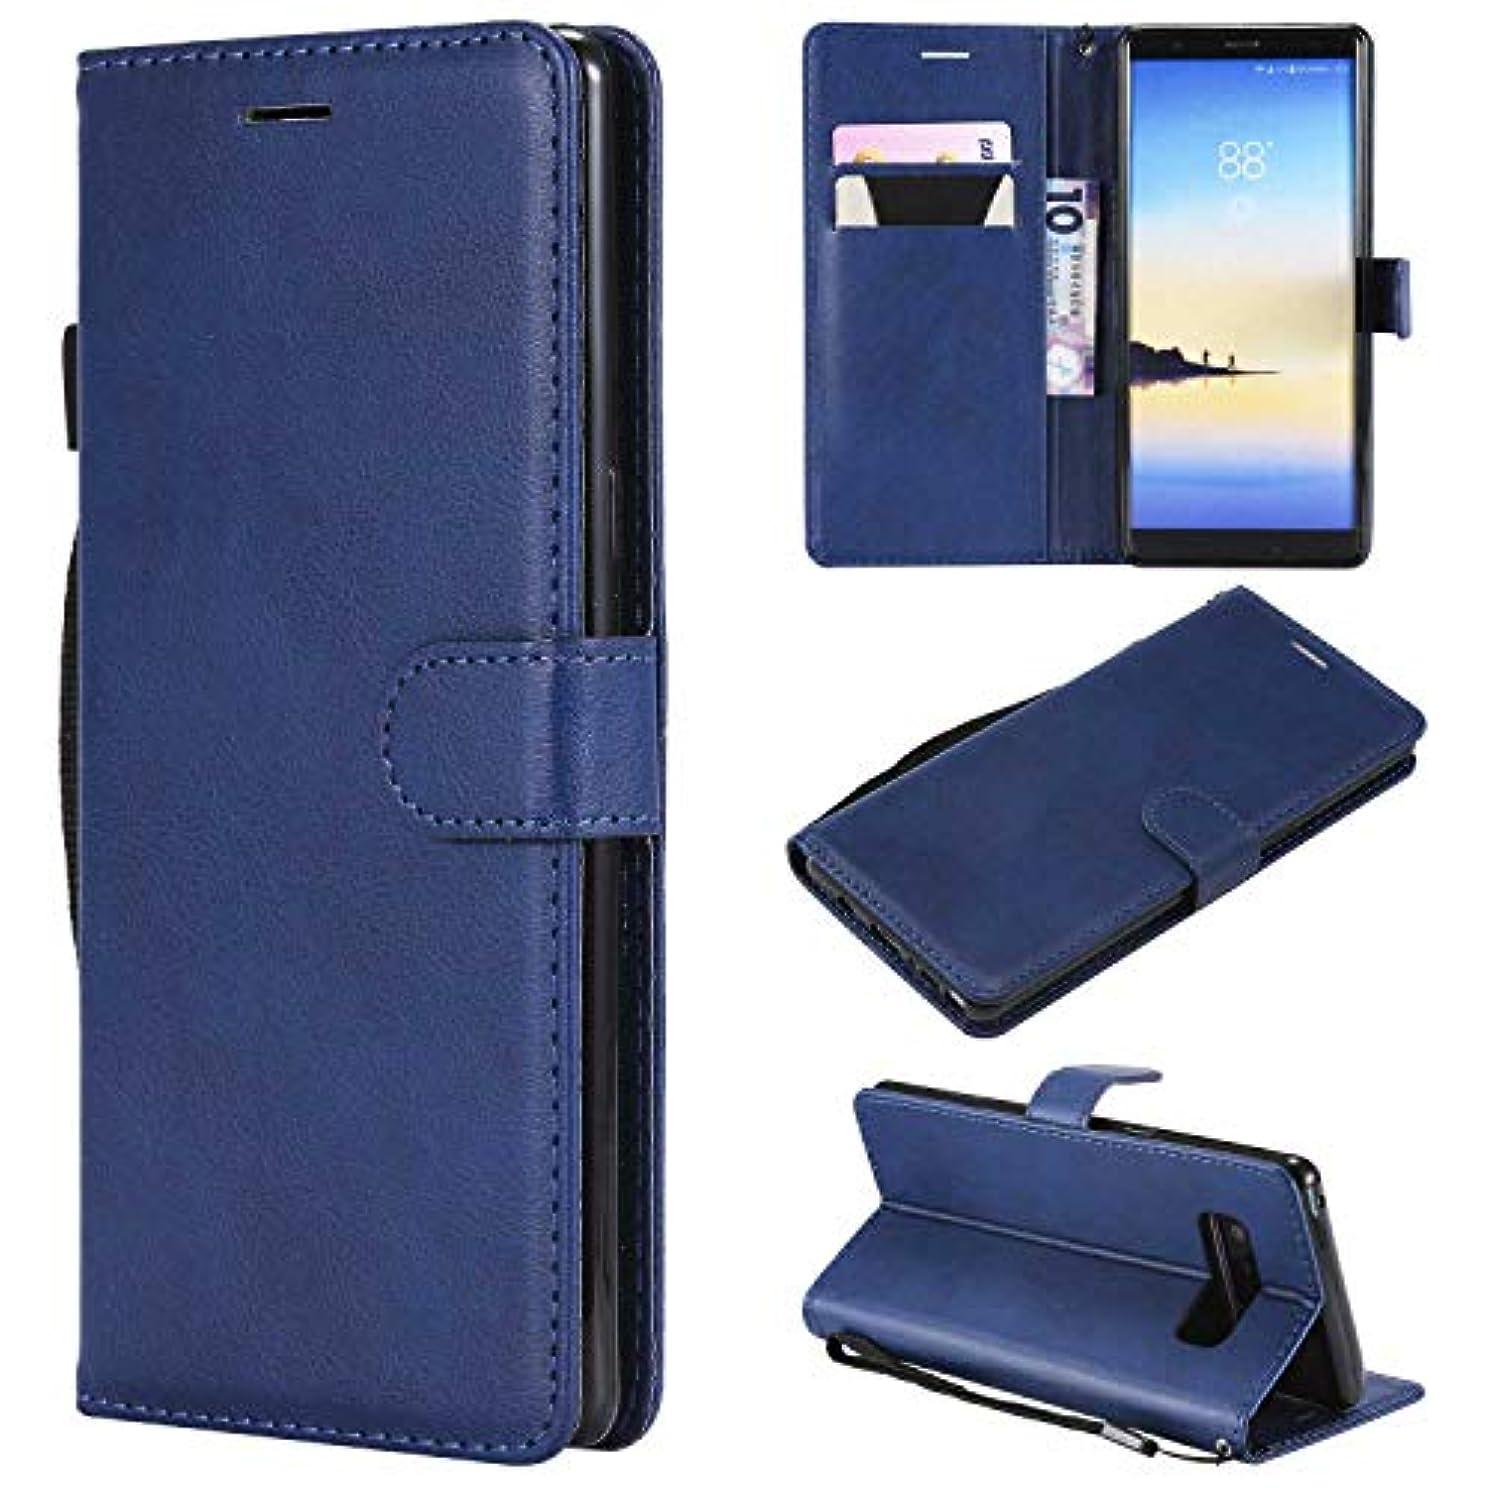 識別する同級生アラートGalaxy Note 8 ケース手帳型 OMATENTI レザー 革 薄型 手帳型カバー カード入れ スタンド機能 サムスン Galaxy Note 8 おしゃれ 手帳ケース (6-ブルー)